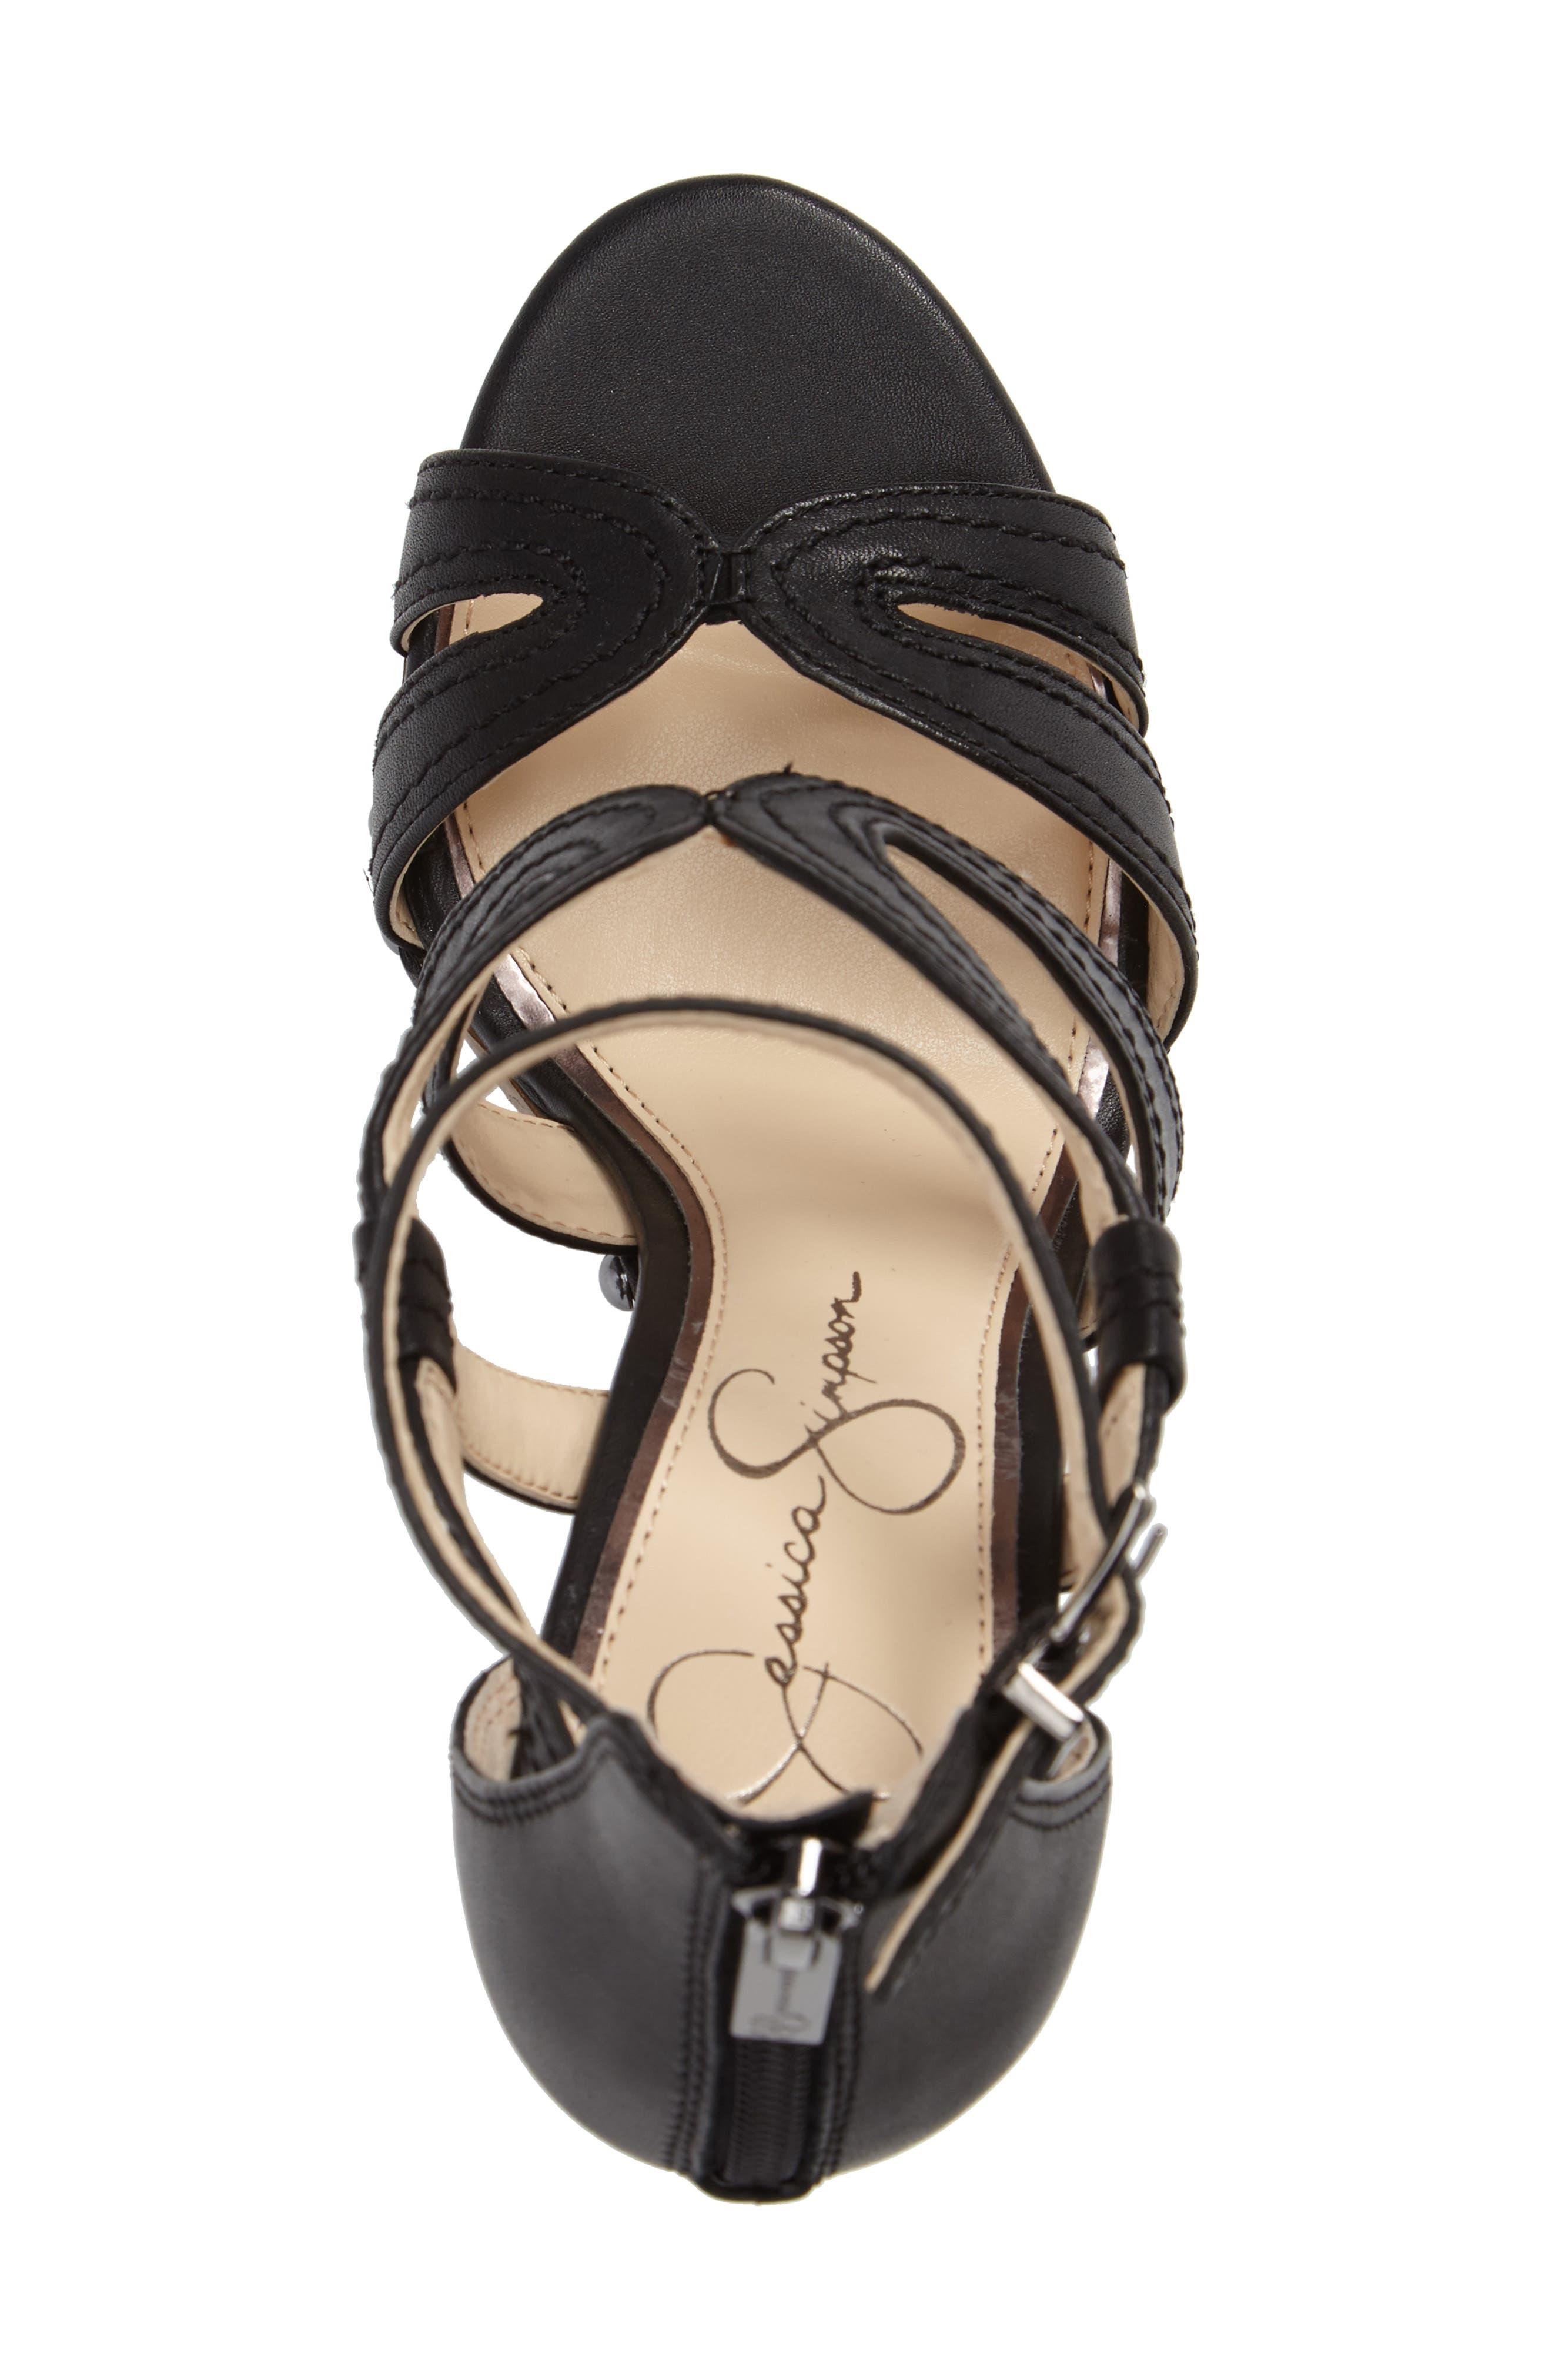 Dorrin Platform Sandal,                             Alternate thumbnail 3, color,                             002